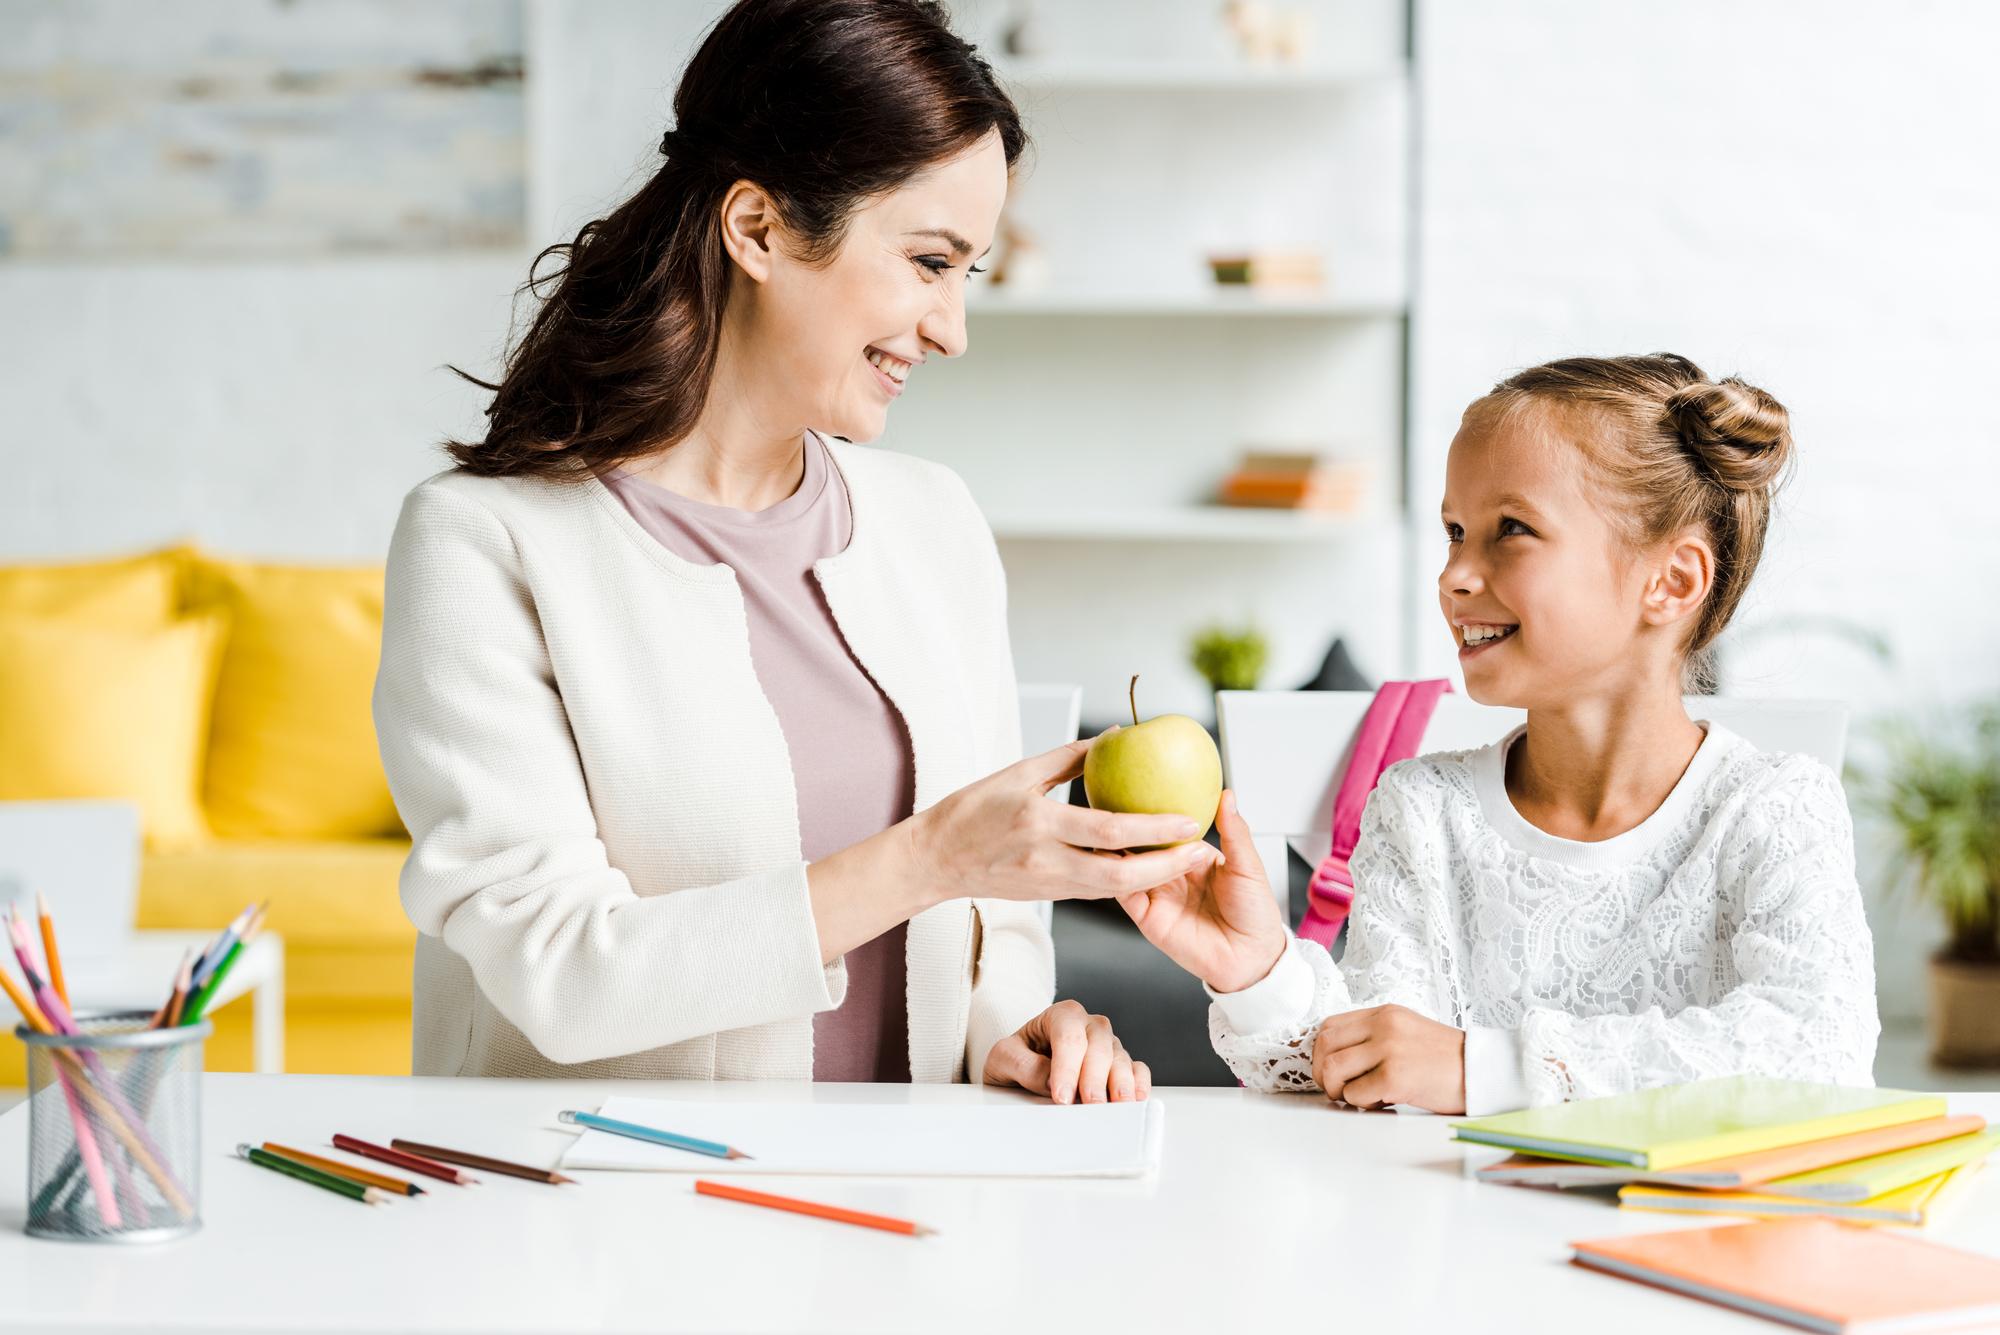 Как сформировать правильный прикус у ребенка: совет стомалога